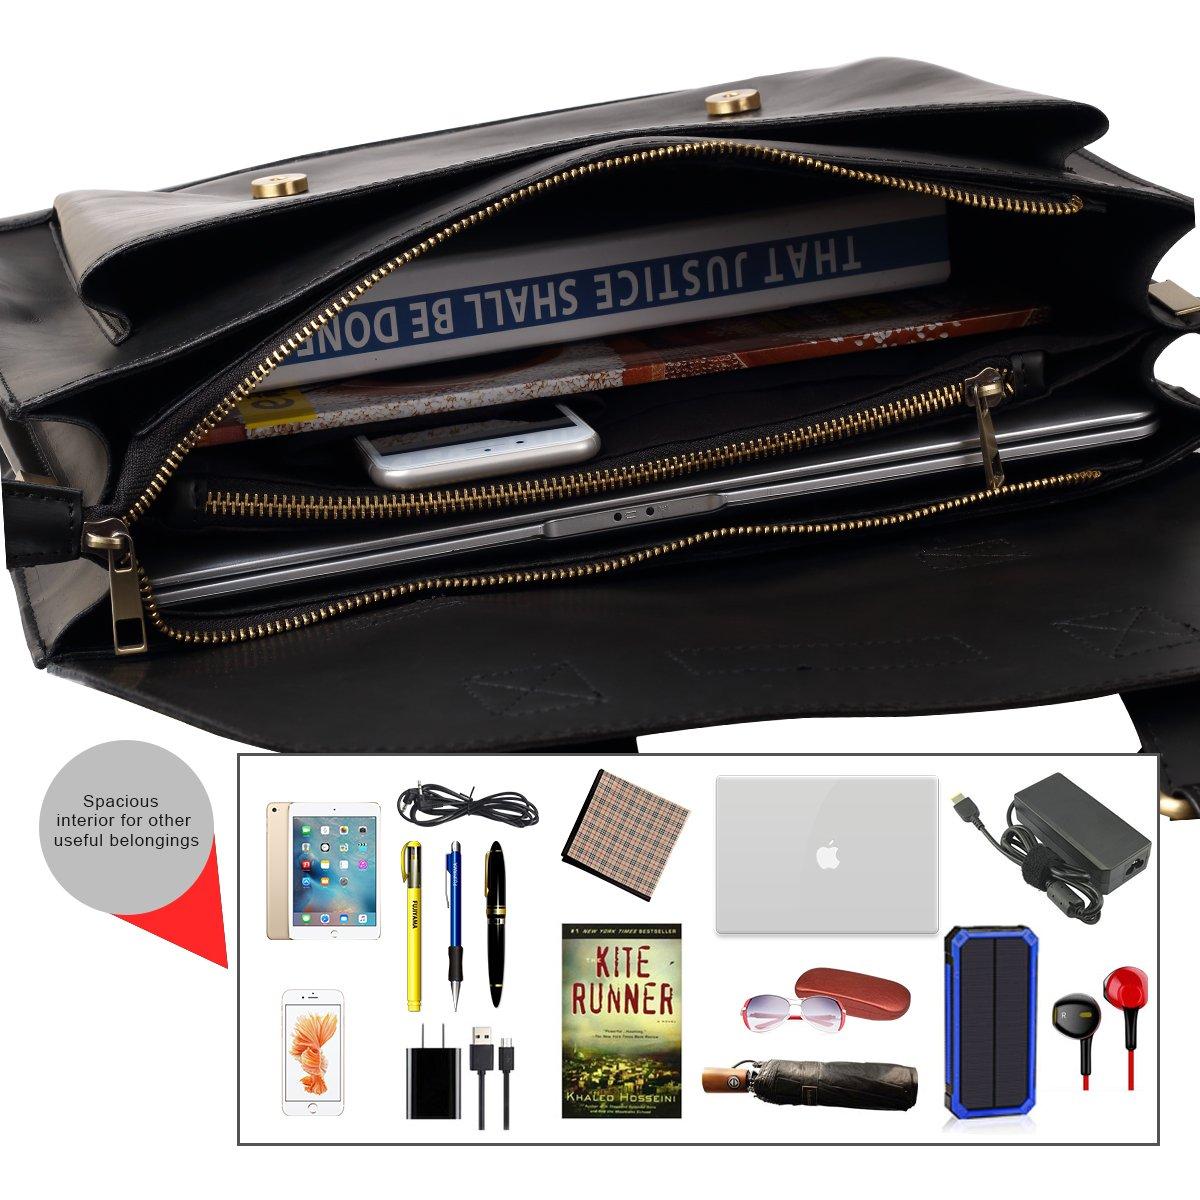 JAKAGO 14.6 Inch Vintage PU Leather Briefcase Laptop Shoulder Messenger Bag Tote School Distressed Bag for Women and Men by JAKAGO (Image #5)